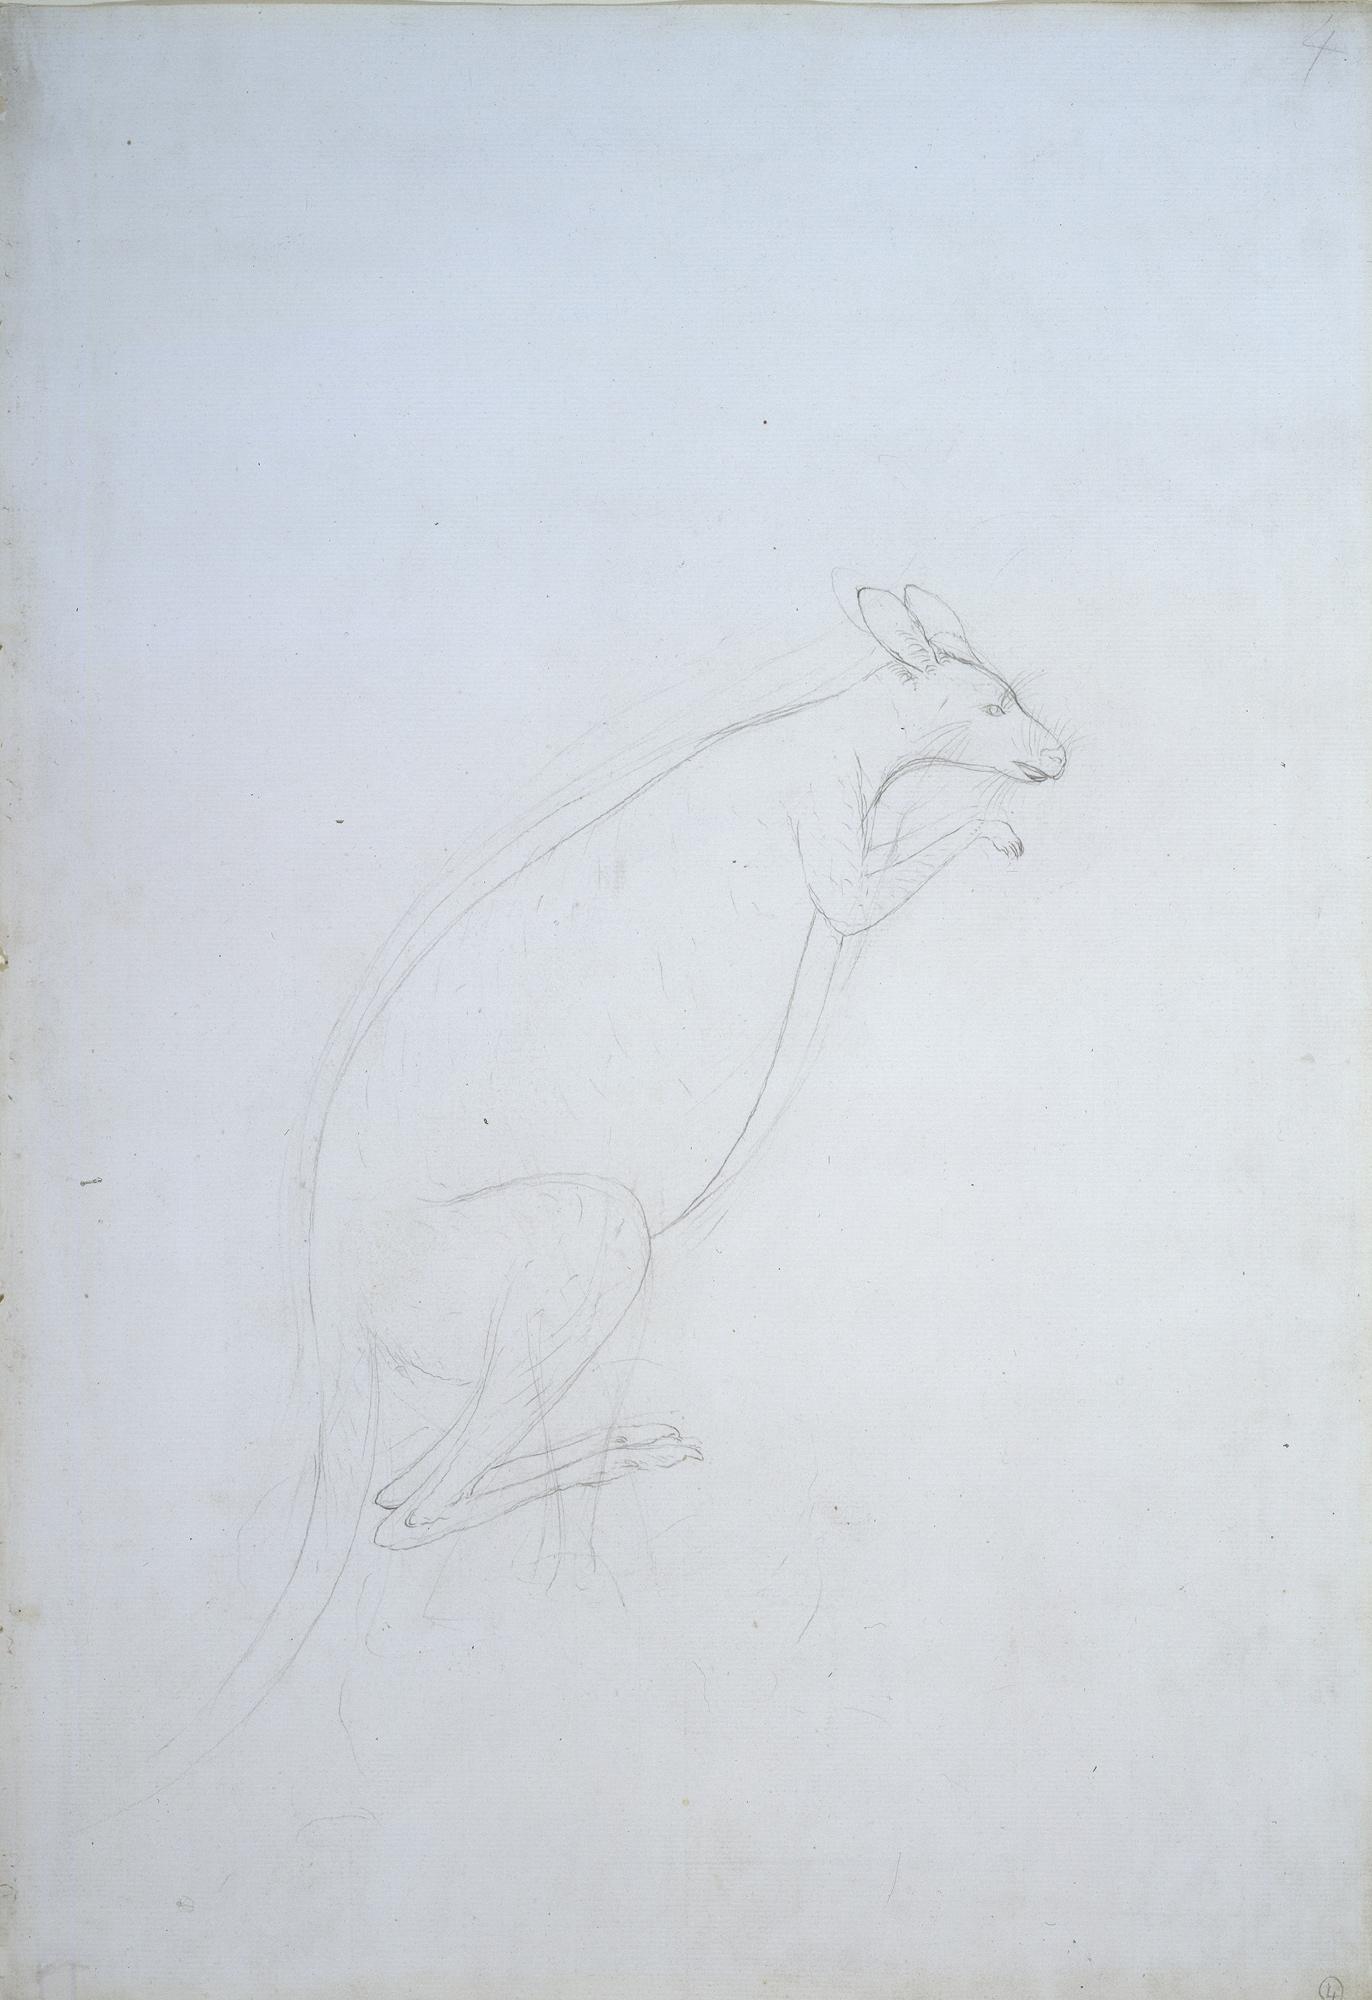 KangarooParkinson_009004_H.jpg